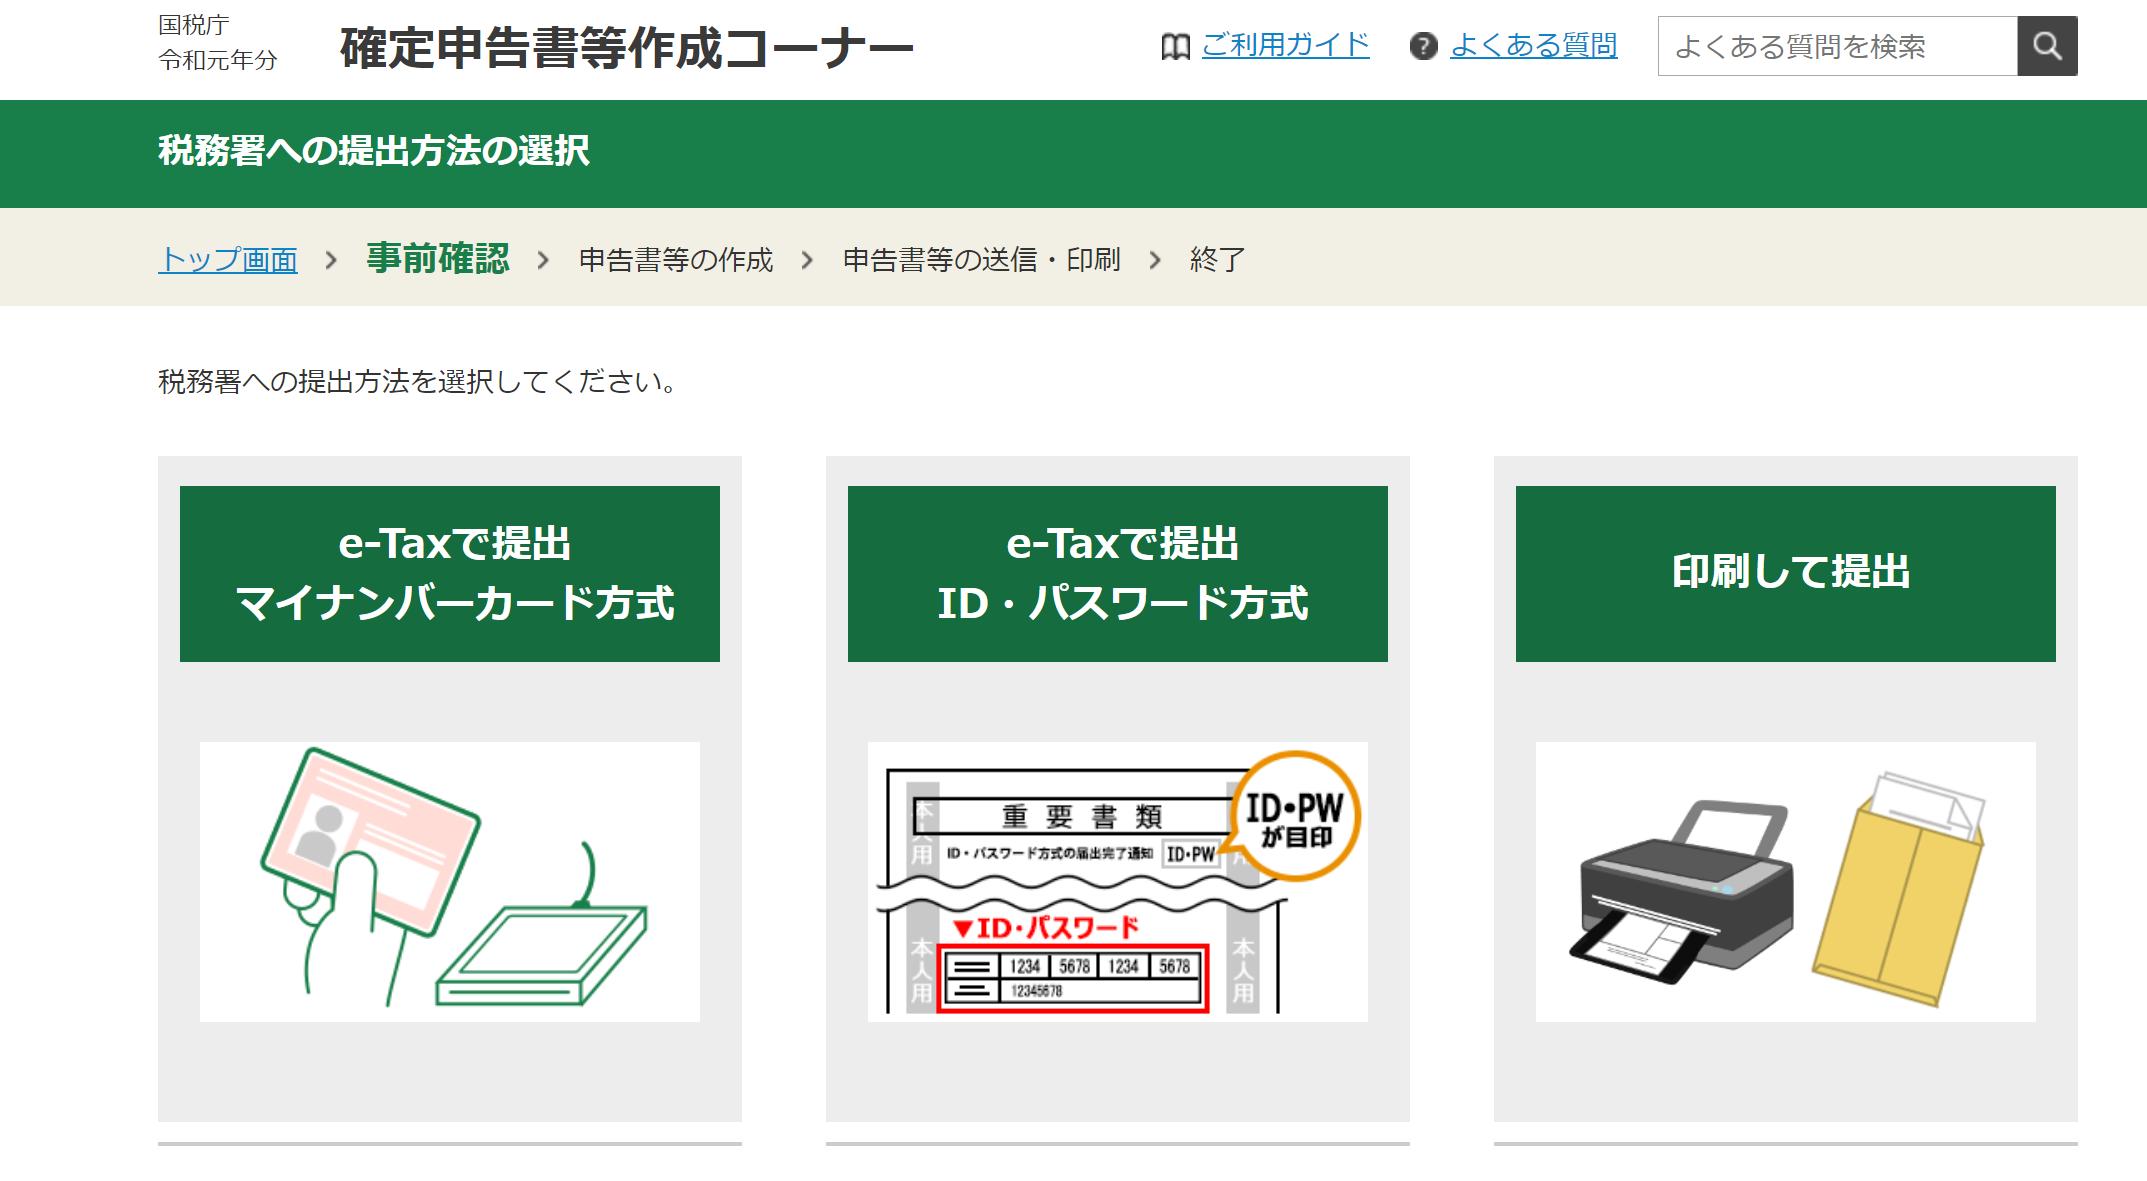 Tax 添付 書類 e 電子申告なのに添付書類は郵送? PDFでの添付でそんな矛盾が解消!